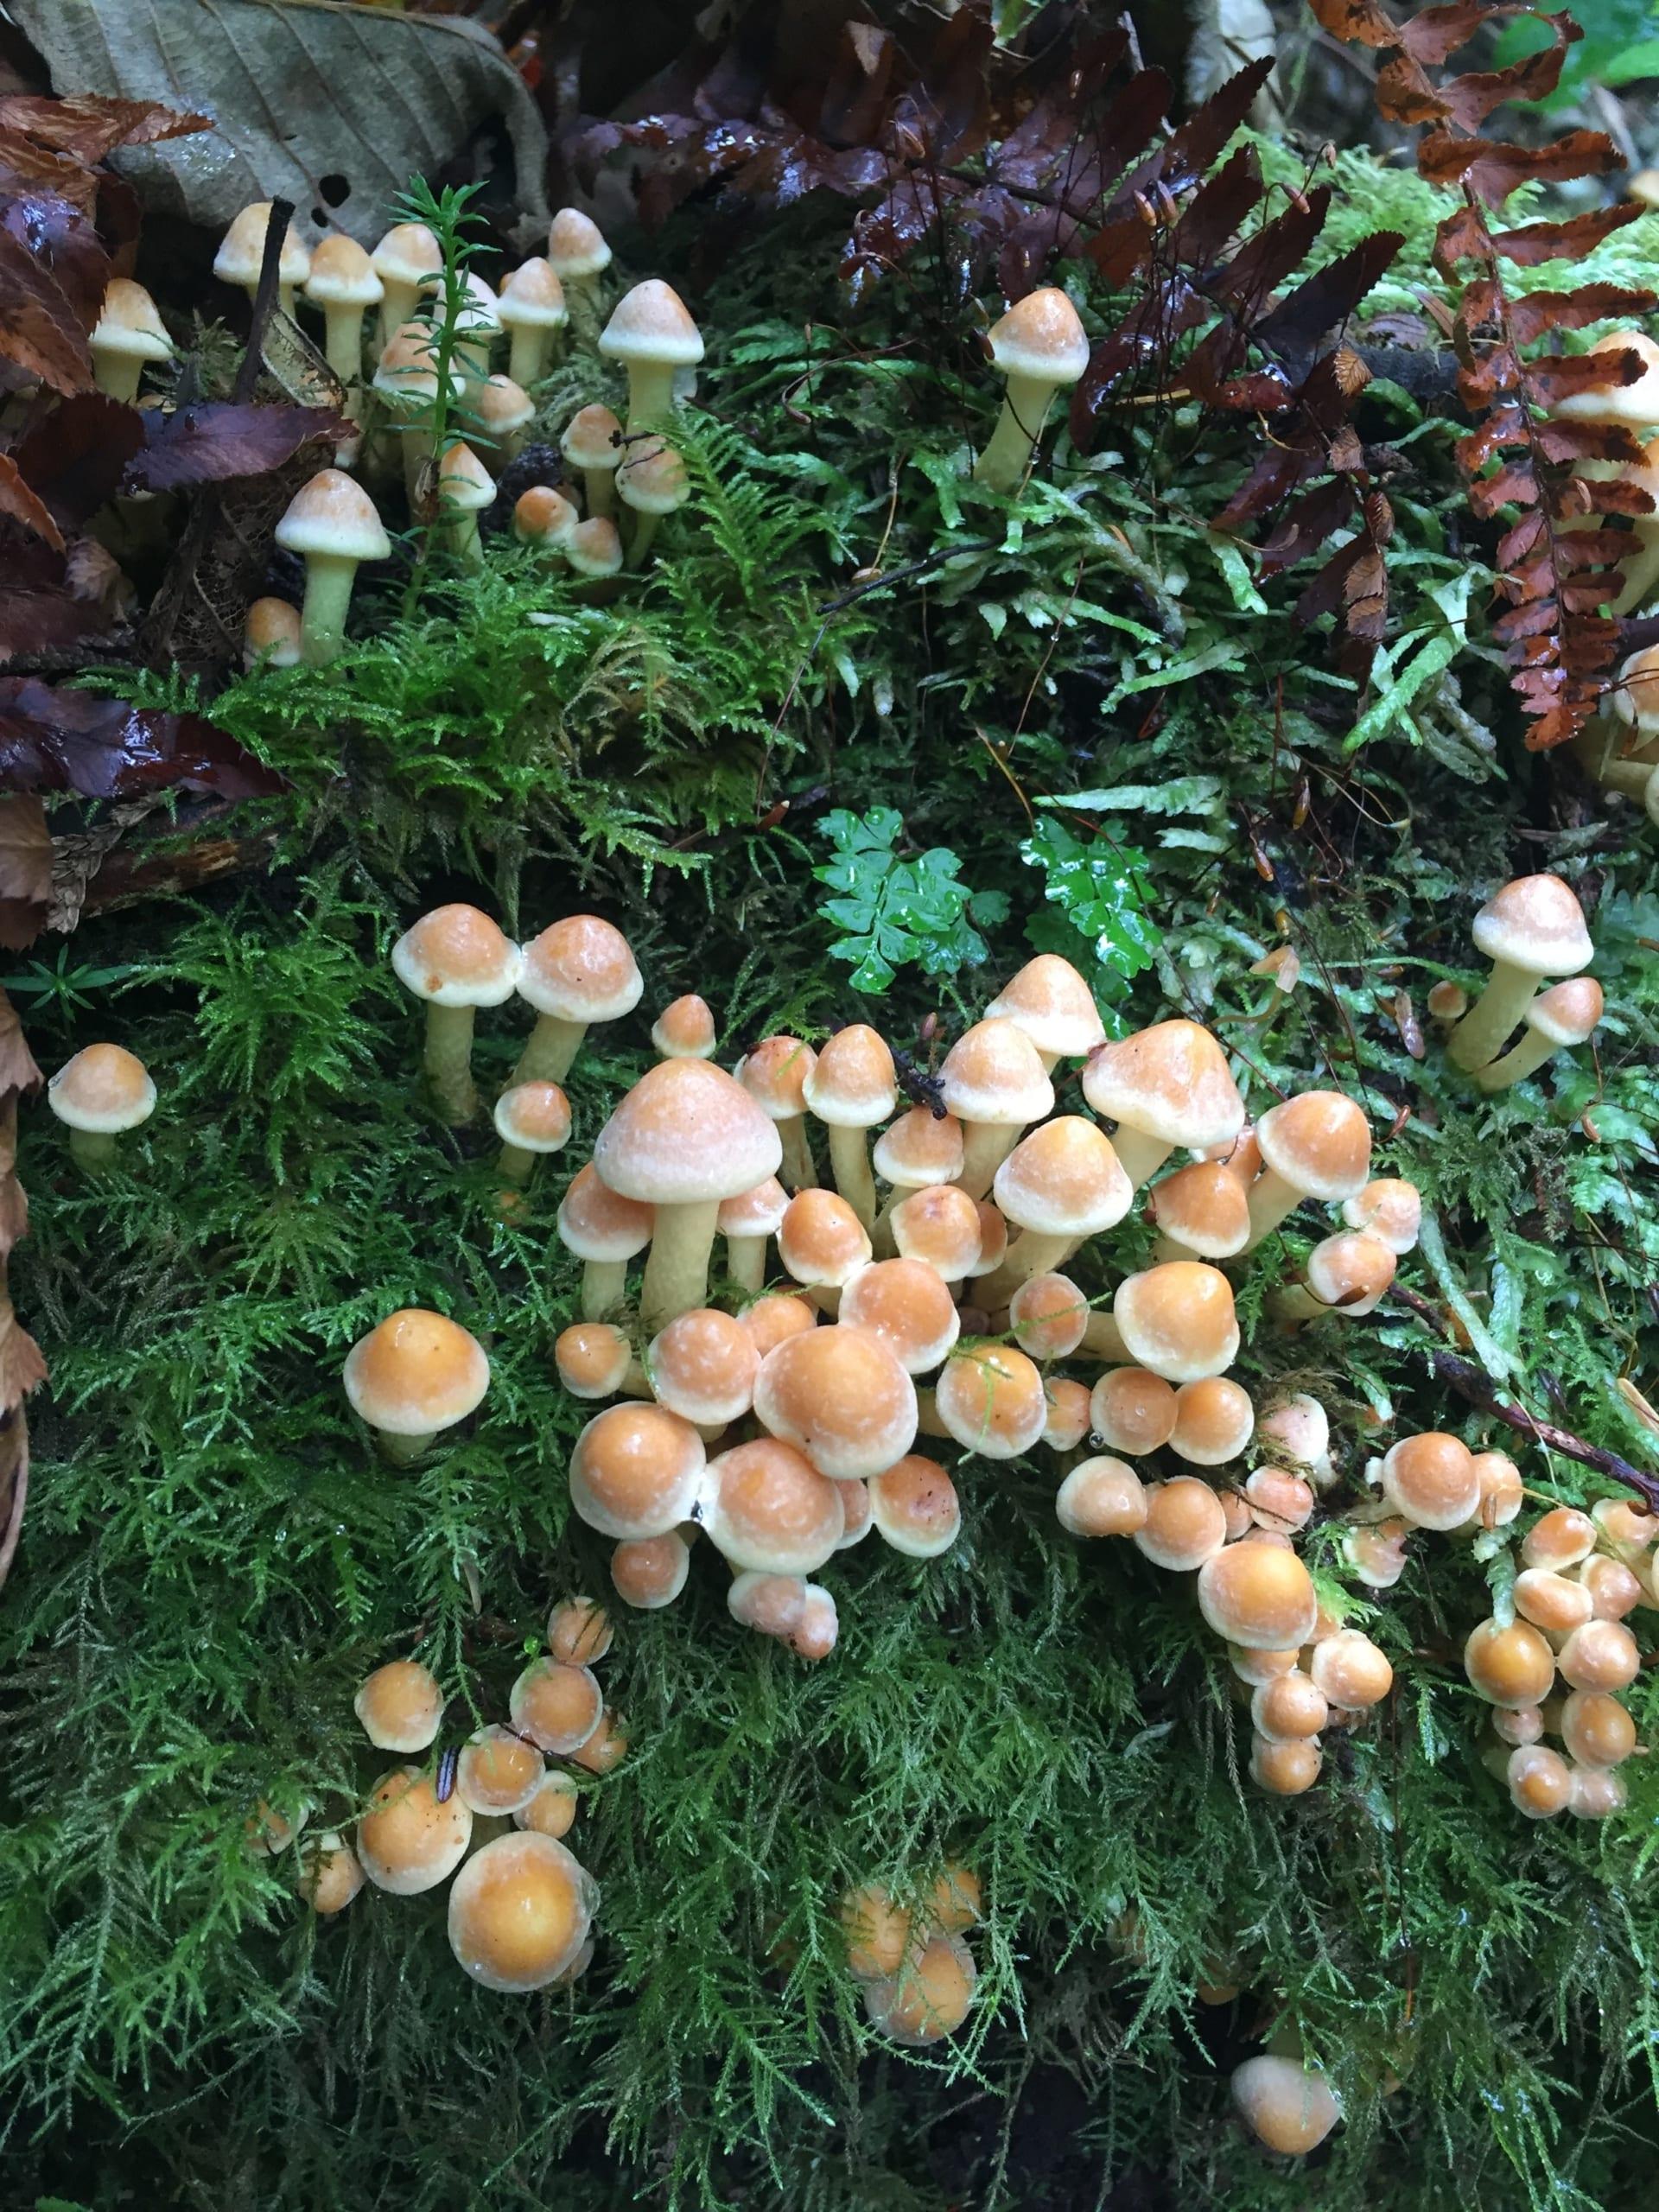 Clustered Woodlovers